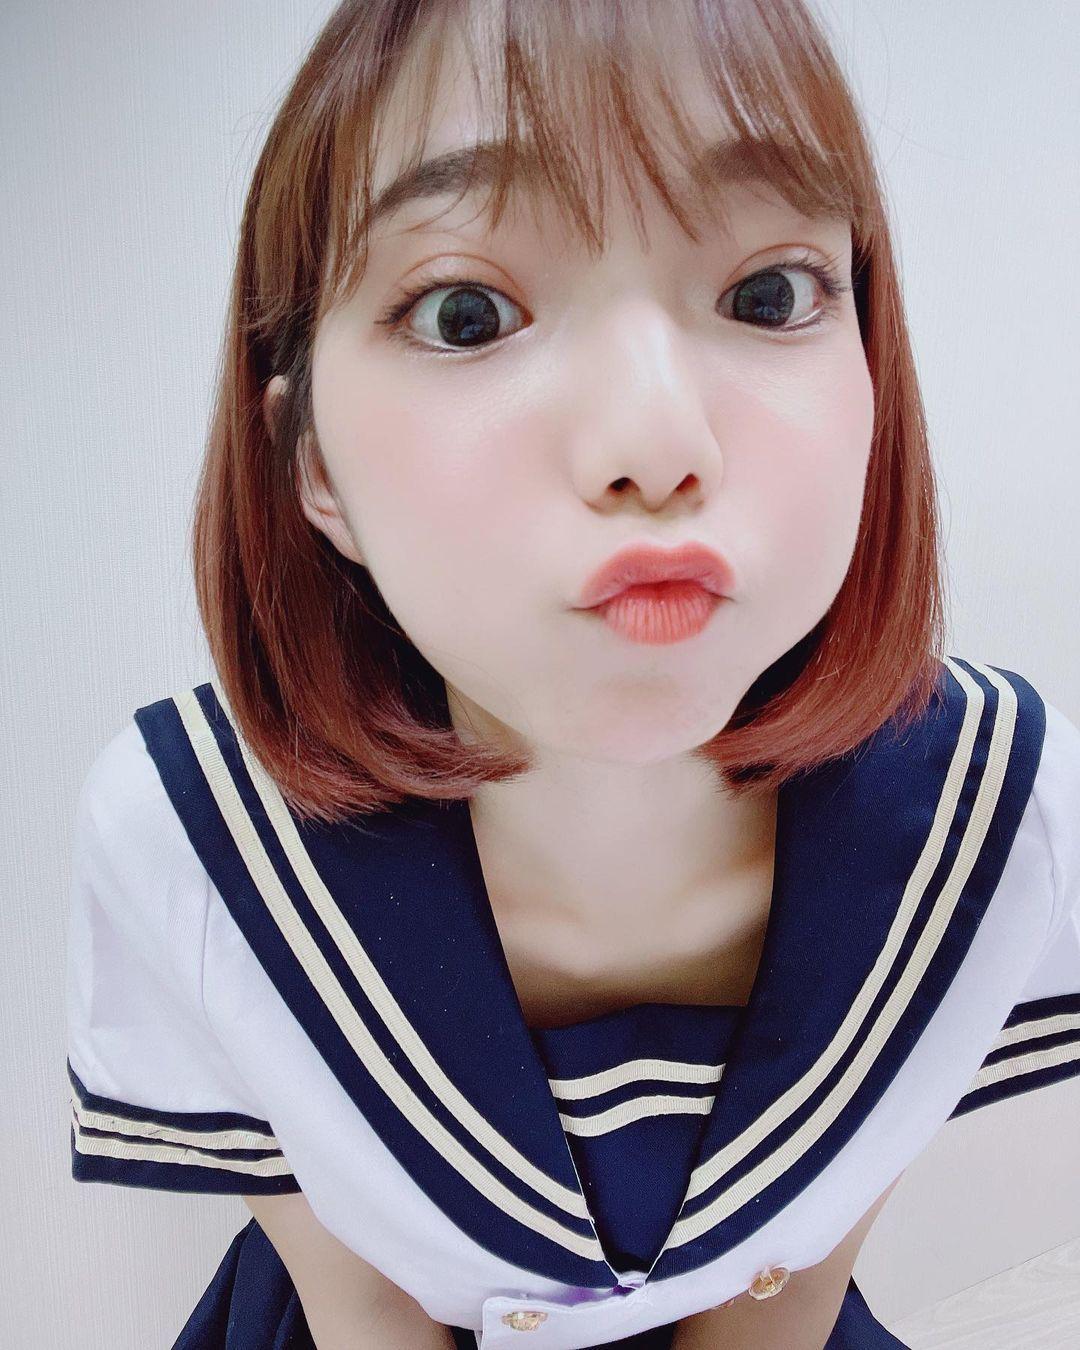 甜美正妹羽球手啾啾能纯能欲 偷偷使坏露性感微笑线 养眼图片 第6张